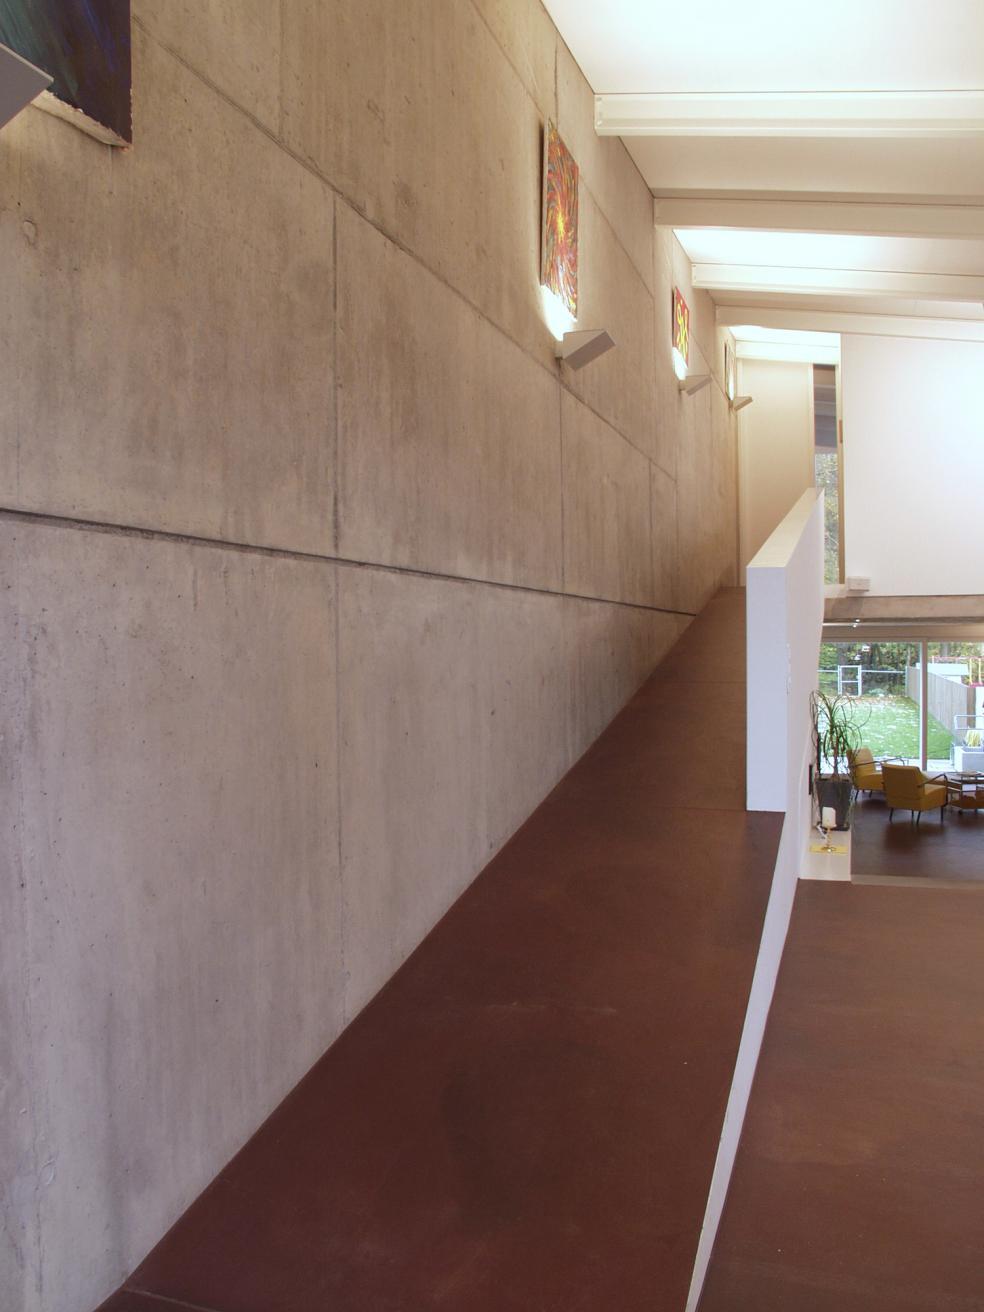 Einfamilienhaus mit Sichtbeton und mehrfarbigem warmen Bodarto Boden